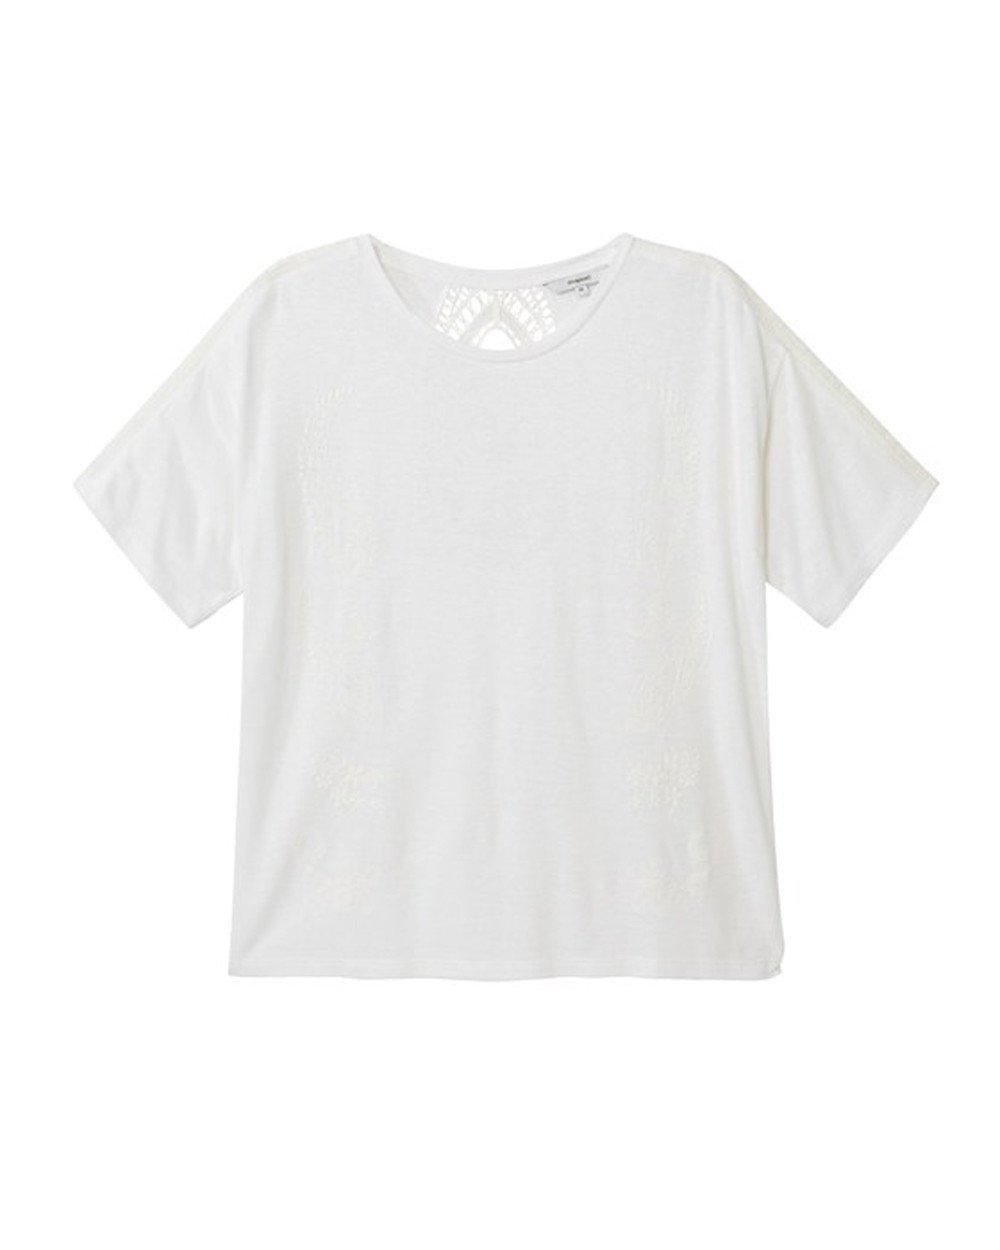 Desigual Women's T-Shirt Various Colours 263185 - white S